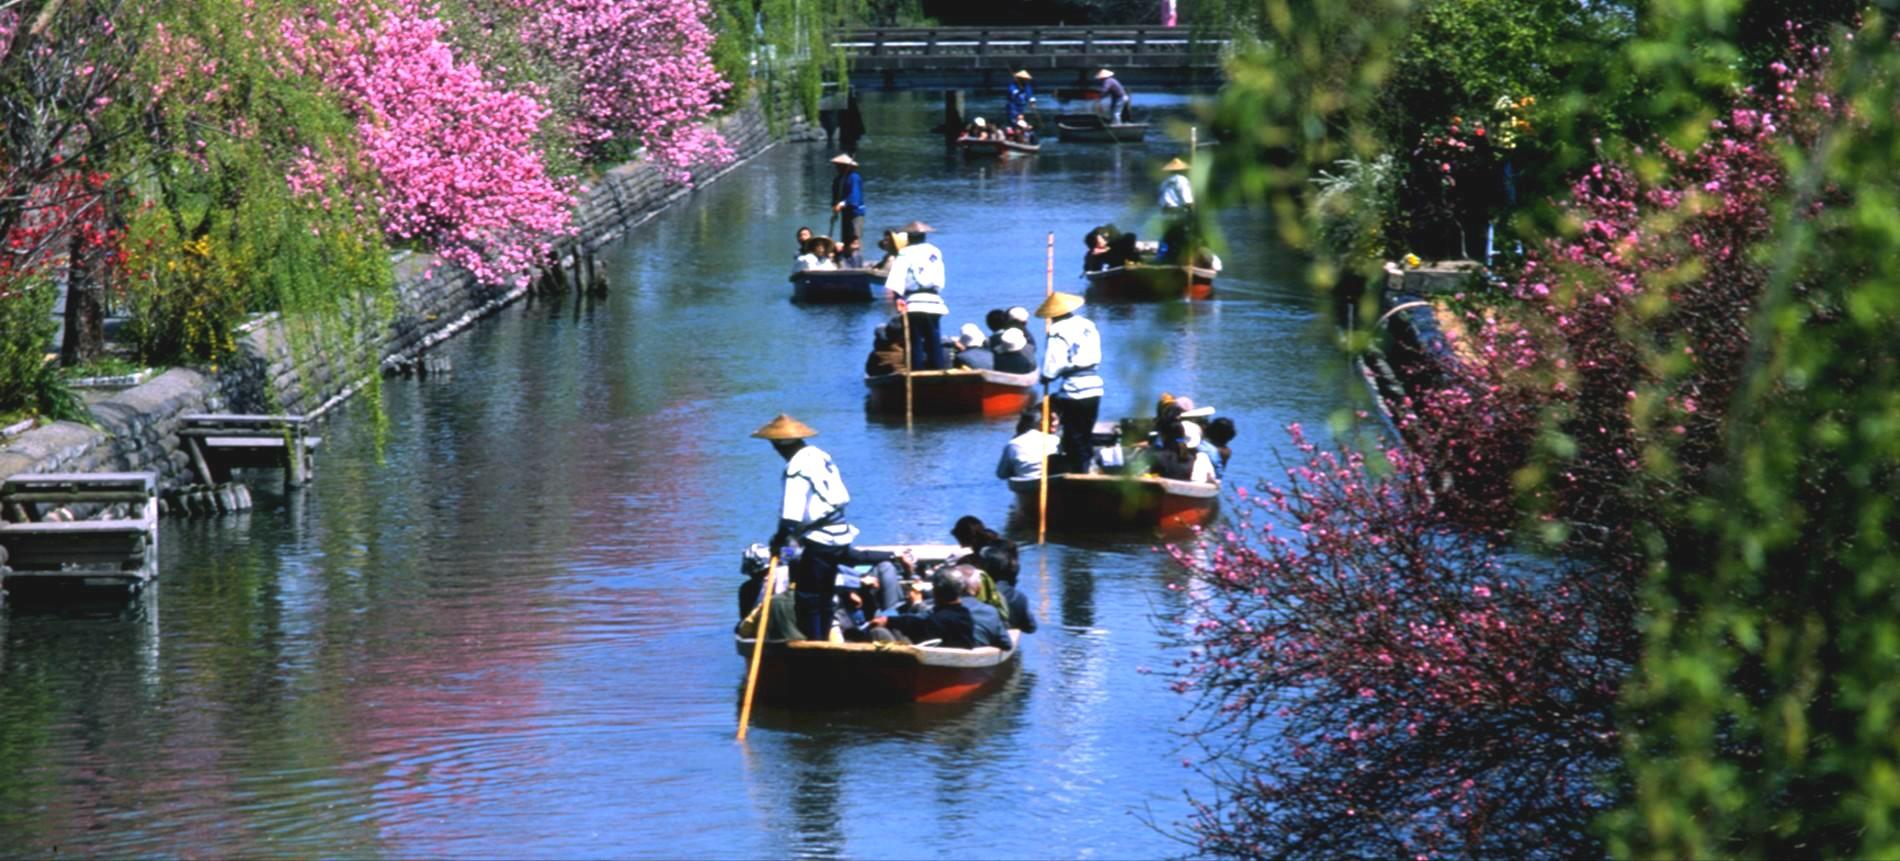 【매력적인 큐슈】 야나가와 뱃놀이 투어 티켓 : 시타마치의 풍경을 둘러보실 수 있는 나룻배 투어